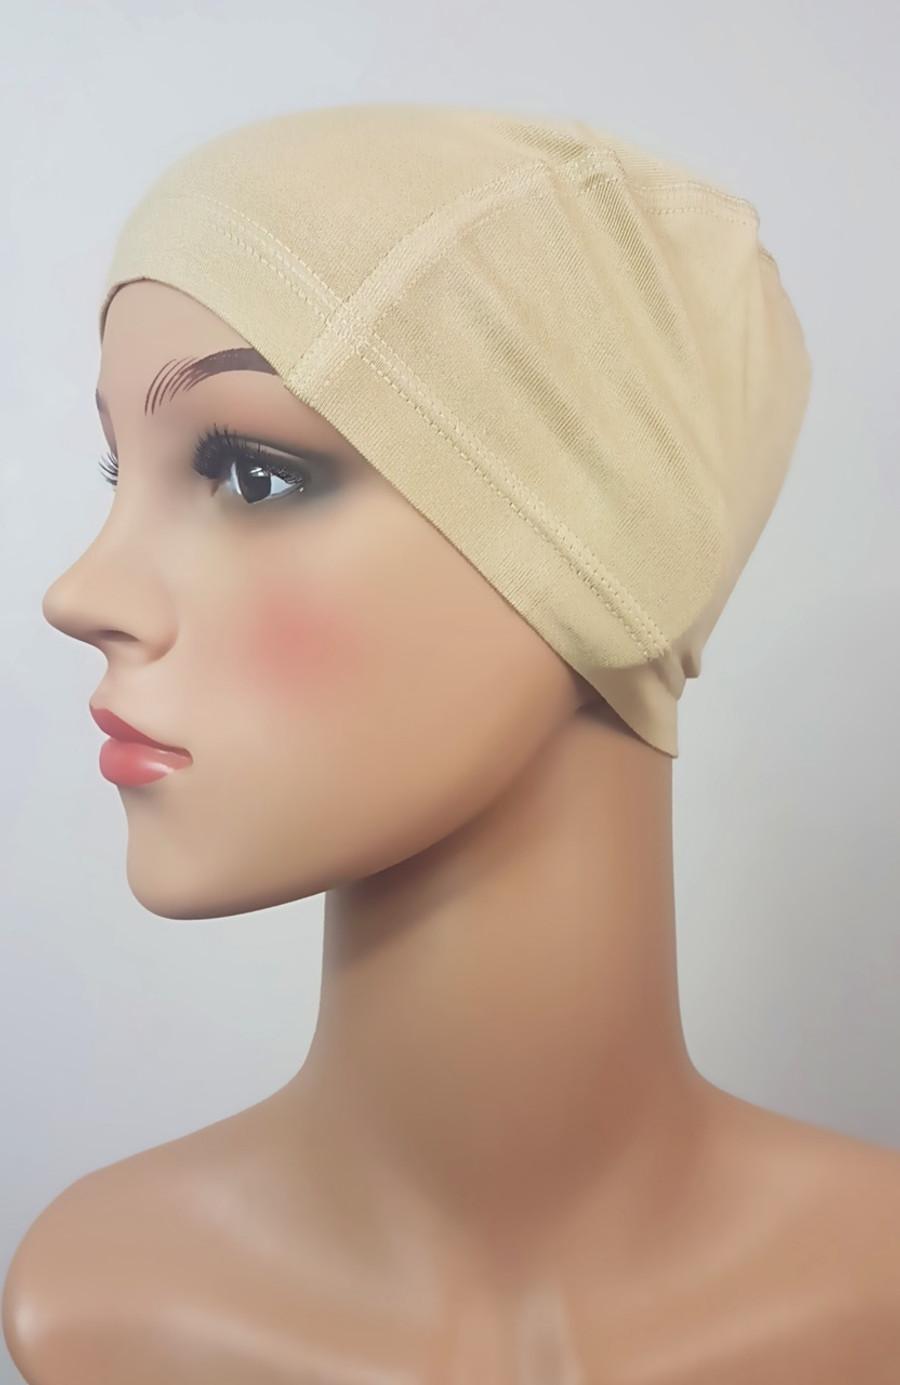 Blonde Blonde Bamboo Soft Wig Cap